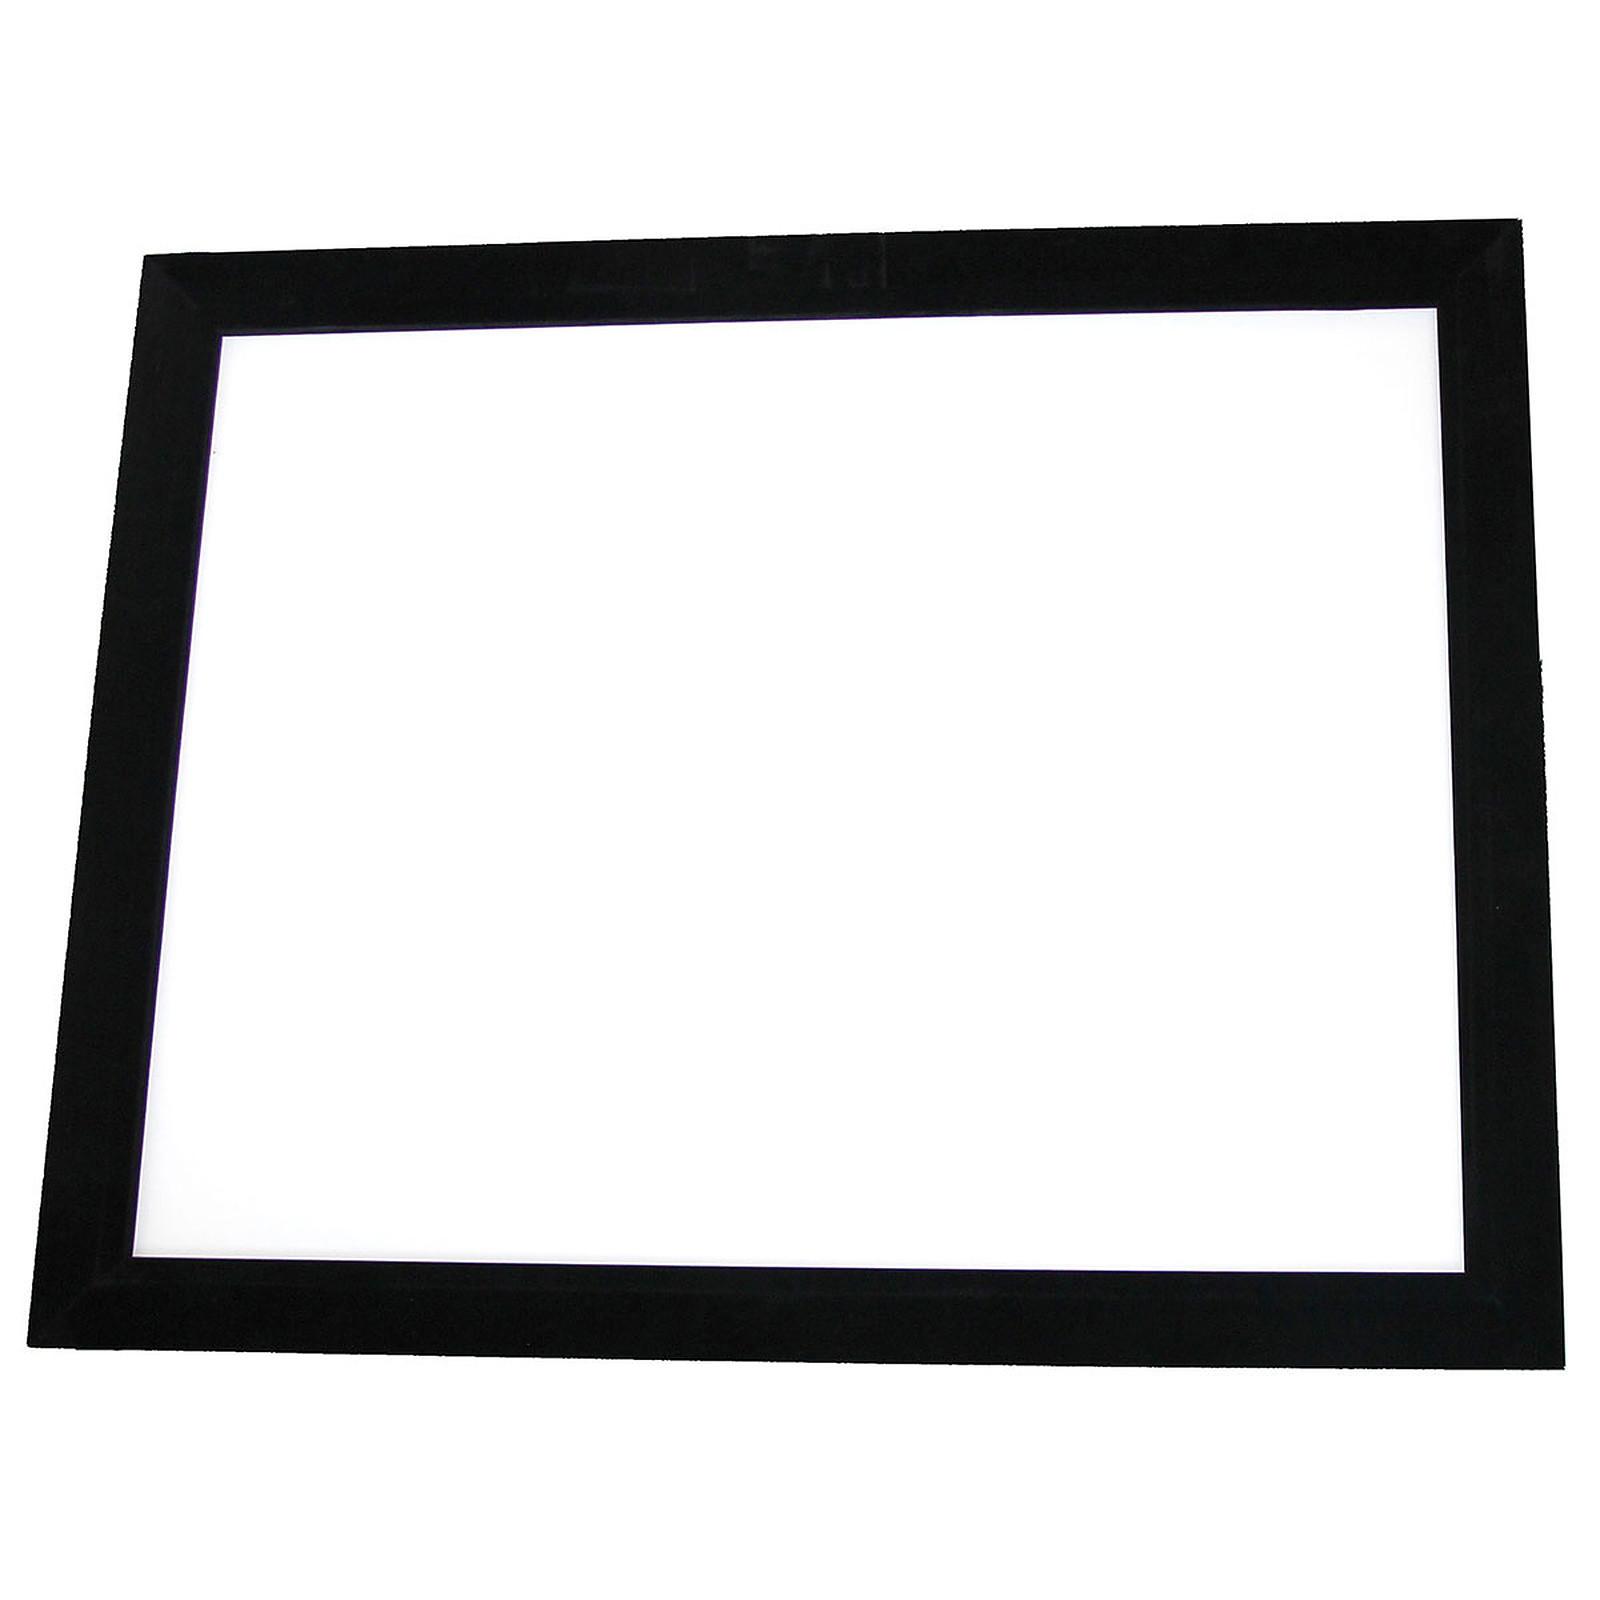 Oray CINEMAFRAME 16:9 - 112 x 200 cm